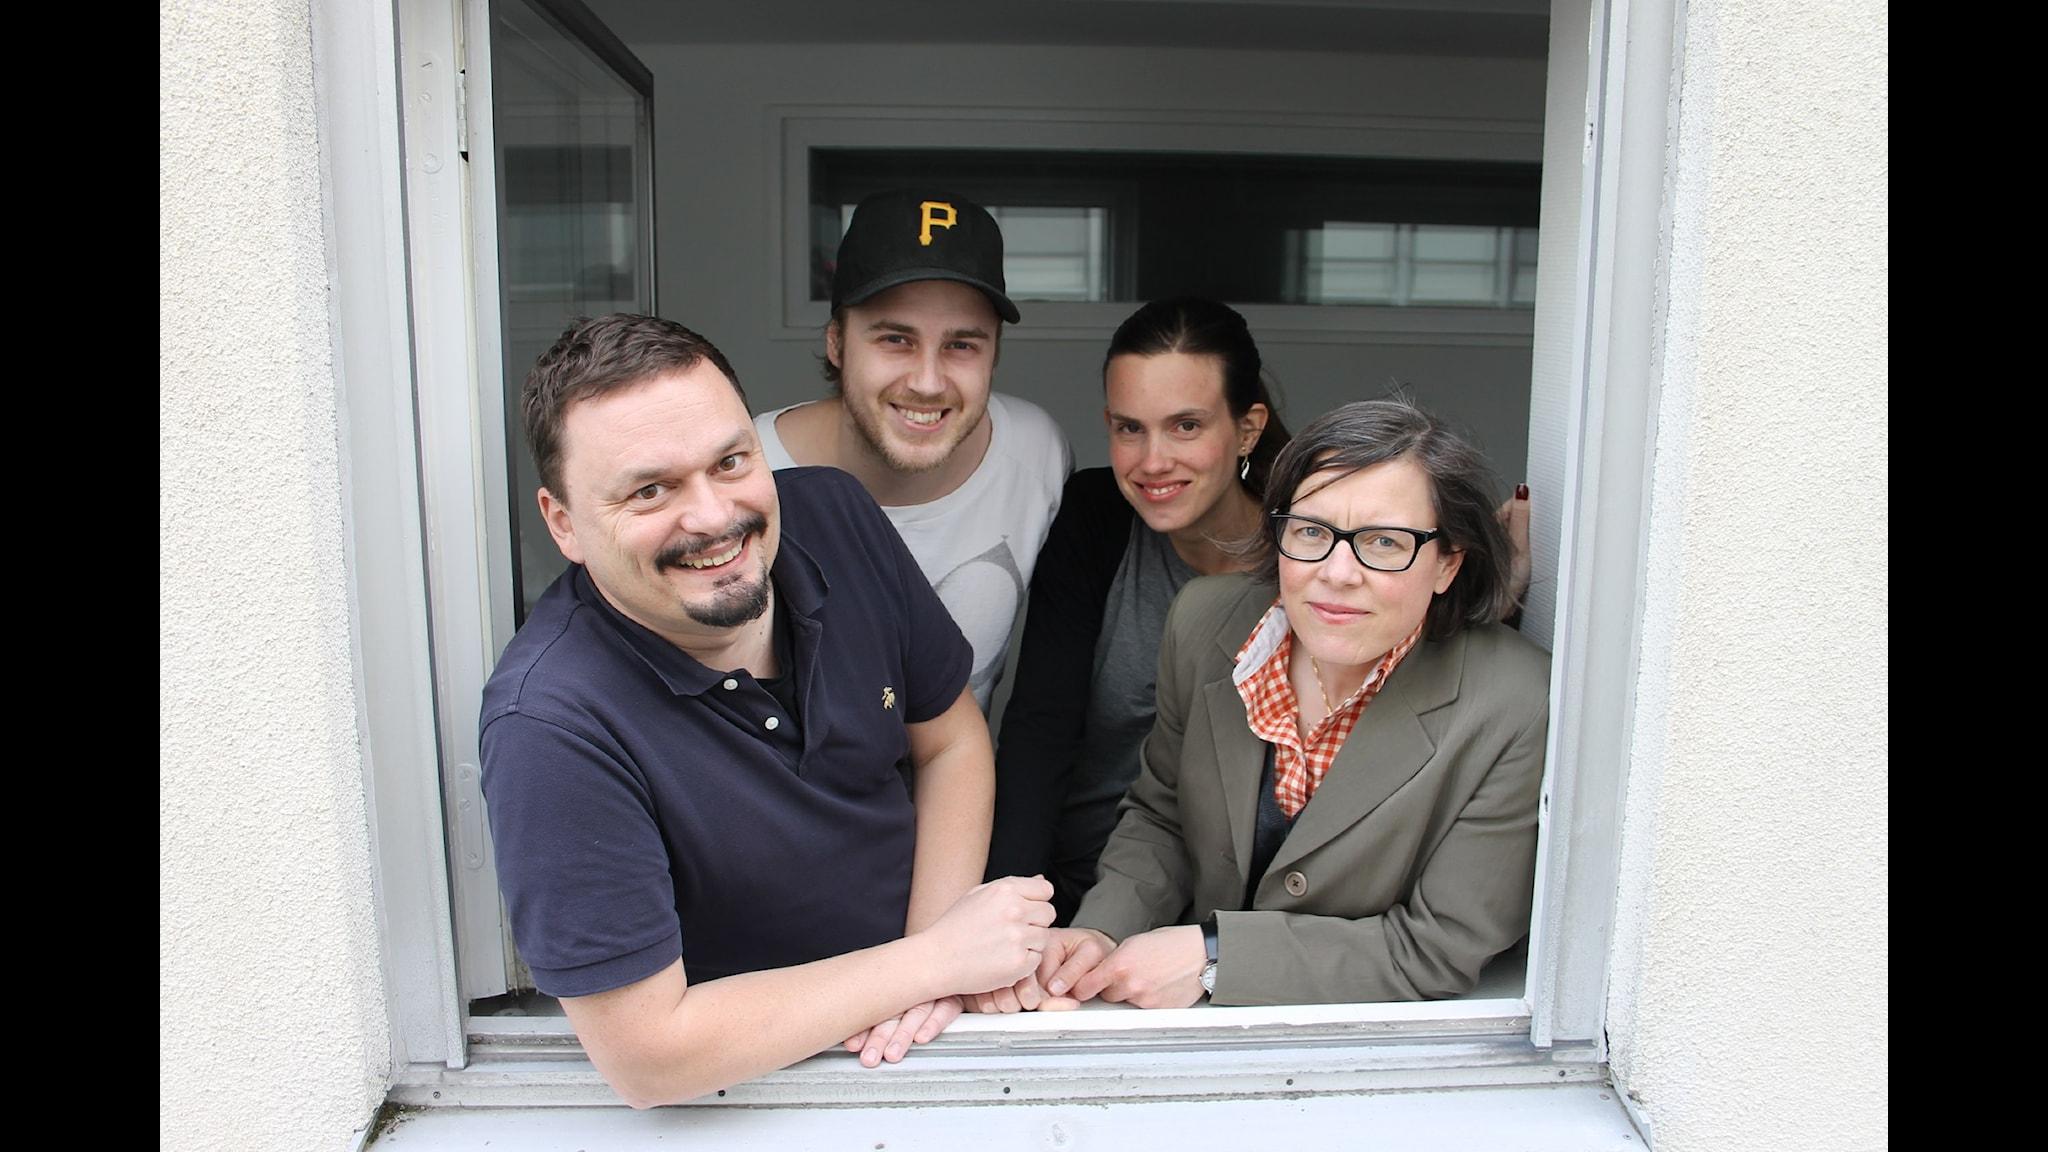 Roger Wilson, Tobias Norström, Maria Brander och Lena Andersson i Wilsons vecka. Foto: Anna-Karin Ivarsson/Sveriges Radio.